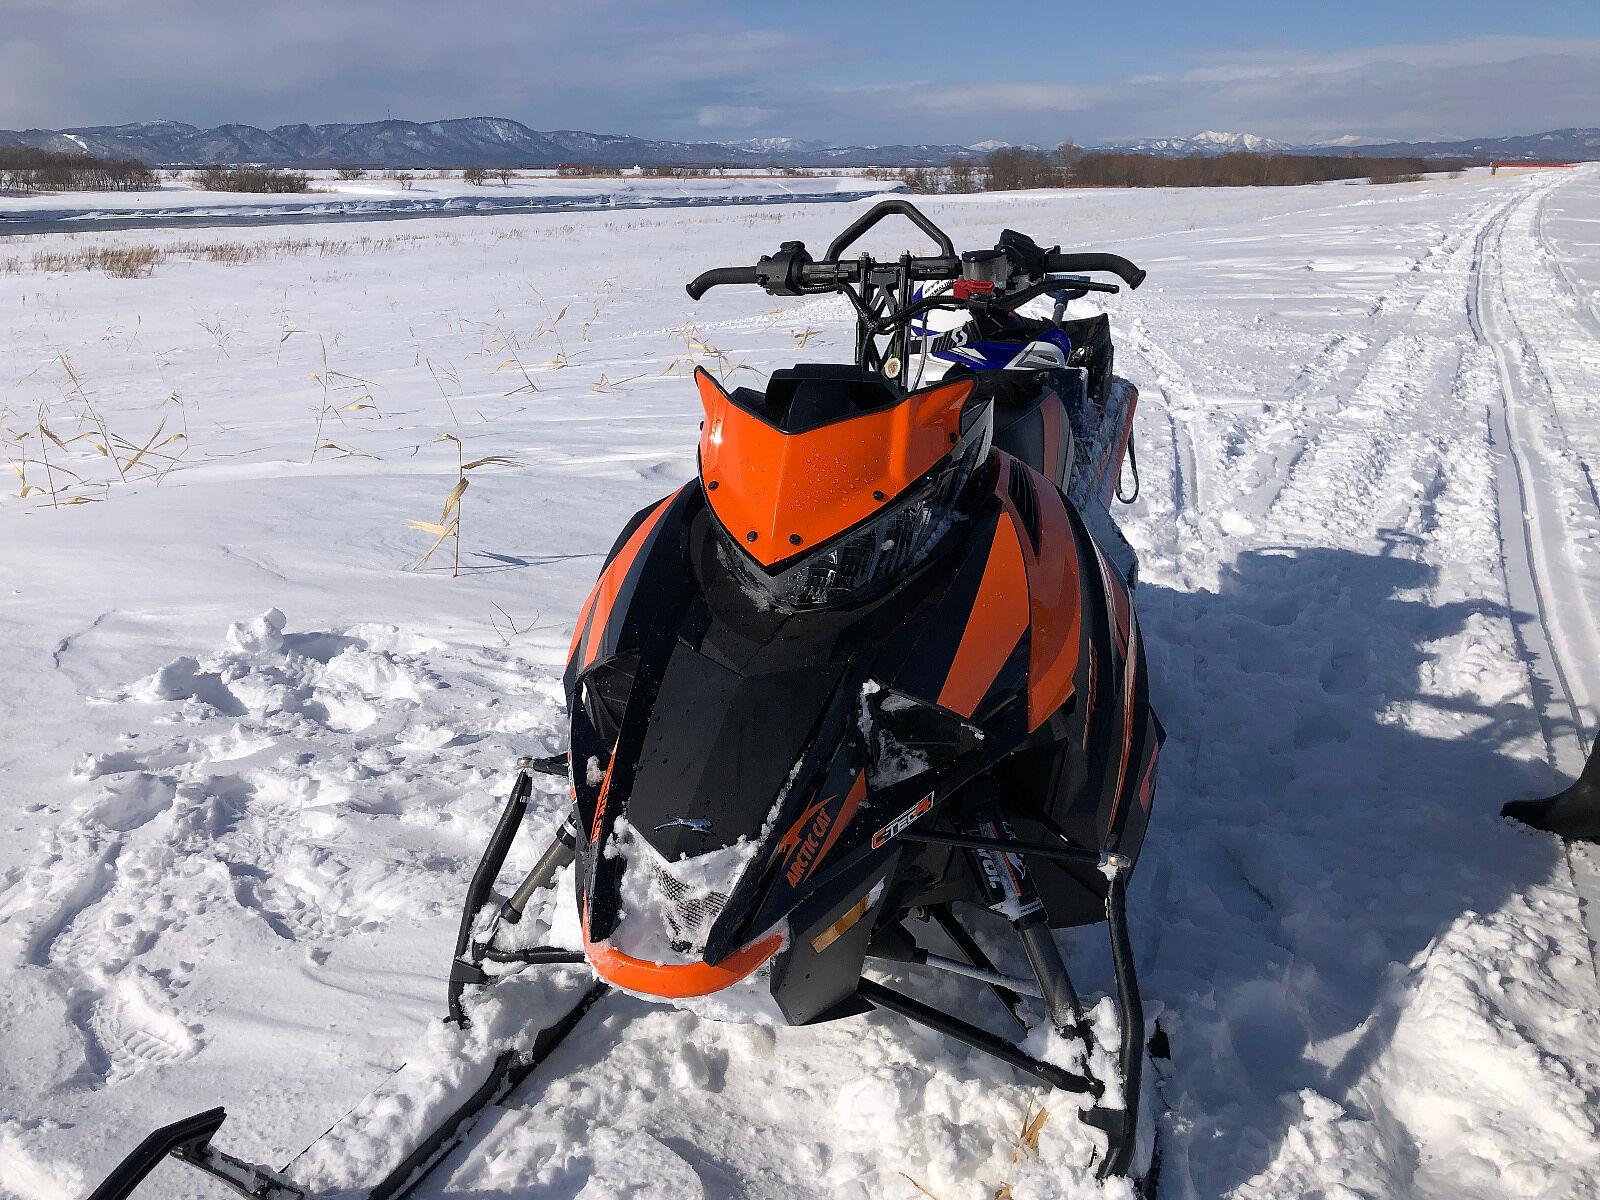 中古 北海道 モービル スノー 北海道の中古スノーモービルが無料・格安で買える!|ジモティー